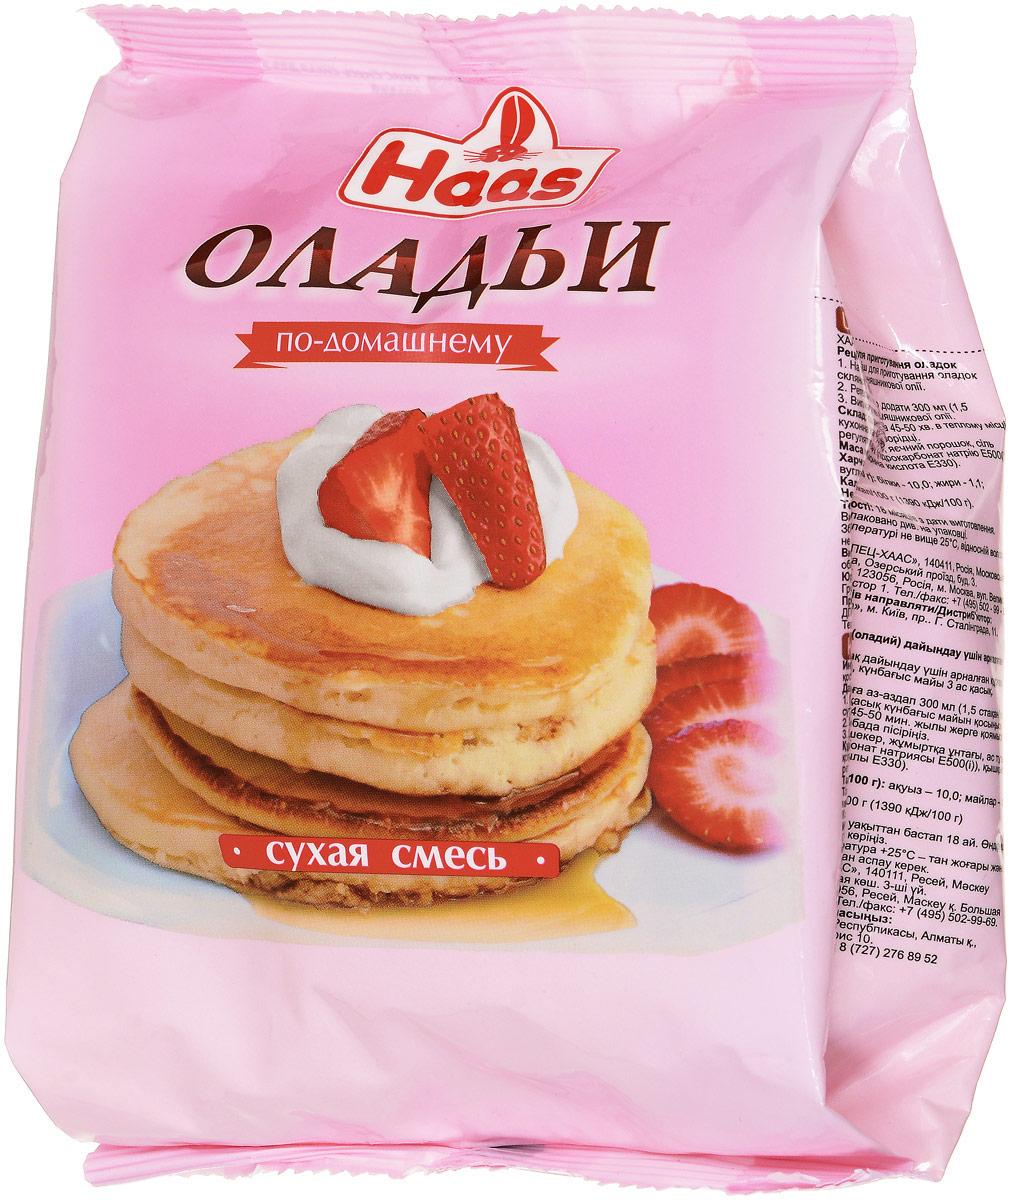 Haas смесь для оладий, 250 г0120710Известно, что название оладьи в качестве определения кулинарного блюда употребляется с середины XVI столетия.Оладьи - это вкусное блюдо, которое можно приготовить быстро и без особых усилий. В зависимости от случая можно приготовить оладьи - закуску с чесноком или чесночным маслом, оладьи - второе блюдо (запекаемые с мясом под томатным соусом), и, безусловно, оладьи - десерт (с добавлением варенья, фруктов, сметаны, меда или даже сахара). Такое разнообразие возможно потому, что оладьи - это просто лепешки из хлебного, кислого или дрожжевого теста. С помощью смеси для приготовления оладий Haas вы сможете приготовить любимое блюдо еще быстрее.Уважаемые клиенты! Обращаем ваше внимание, что полный перечень состава продукта представлен на дополнительном изображении.